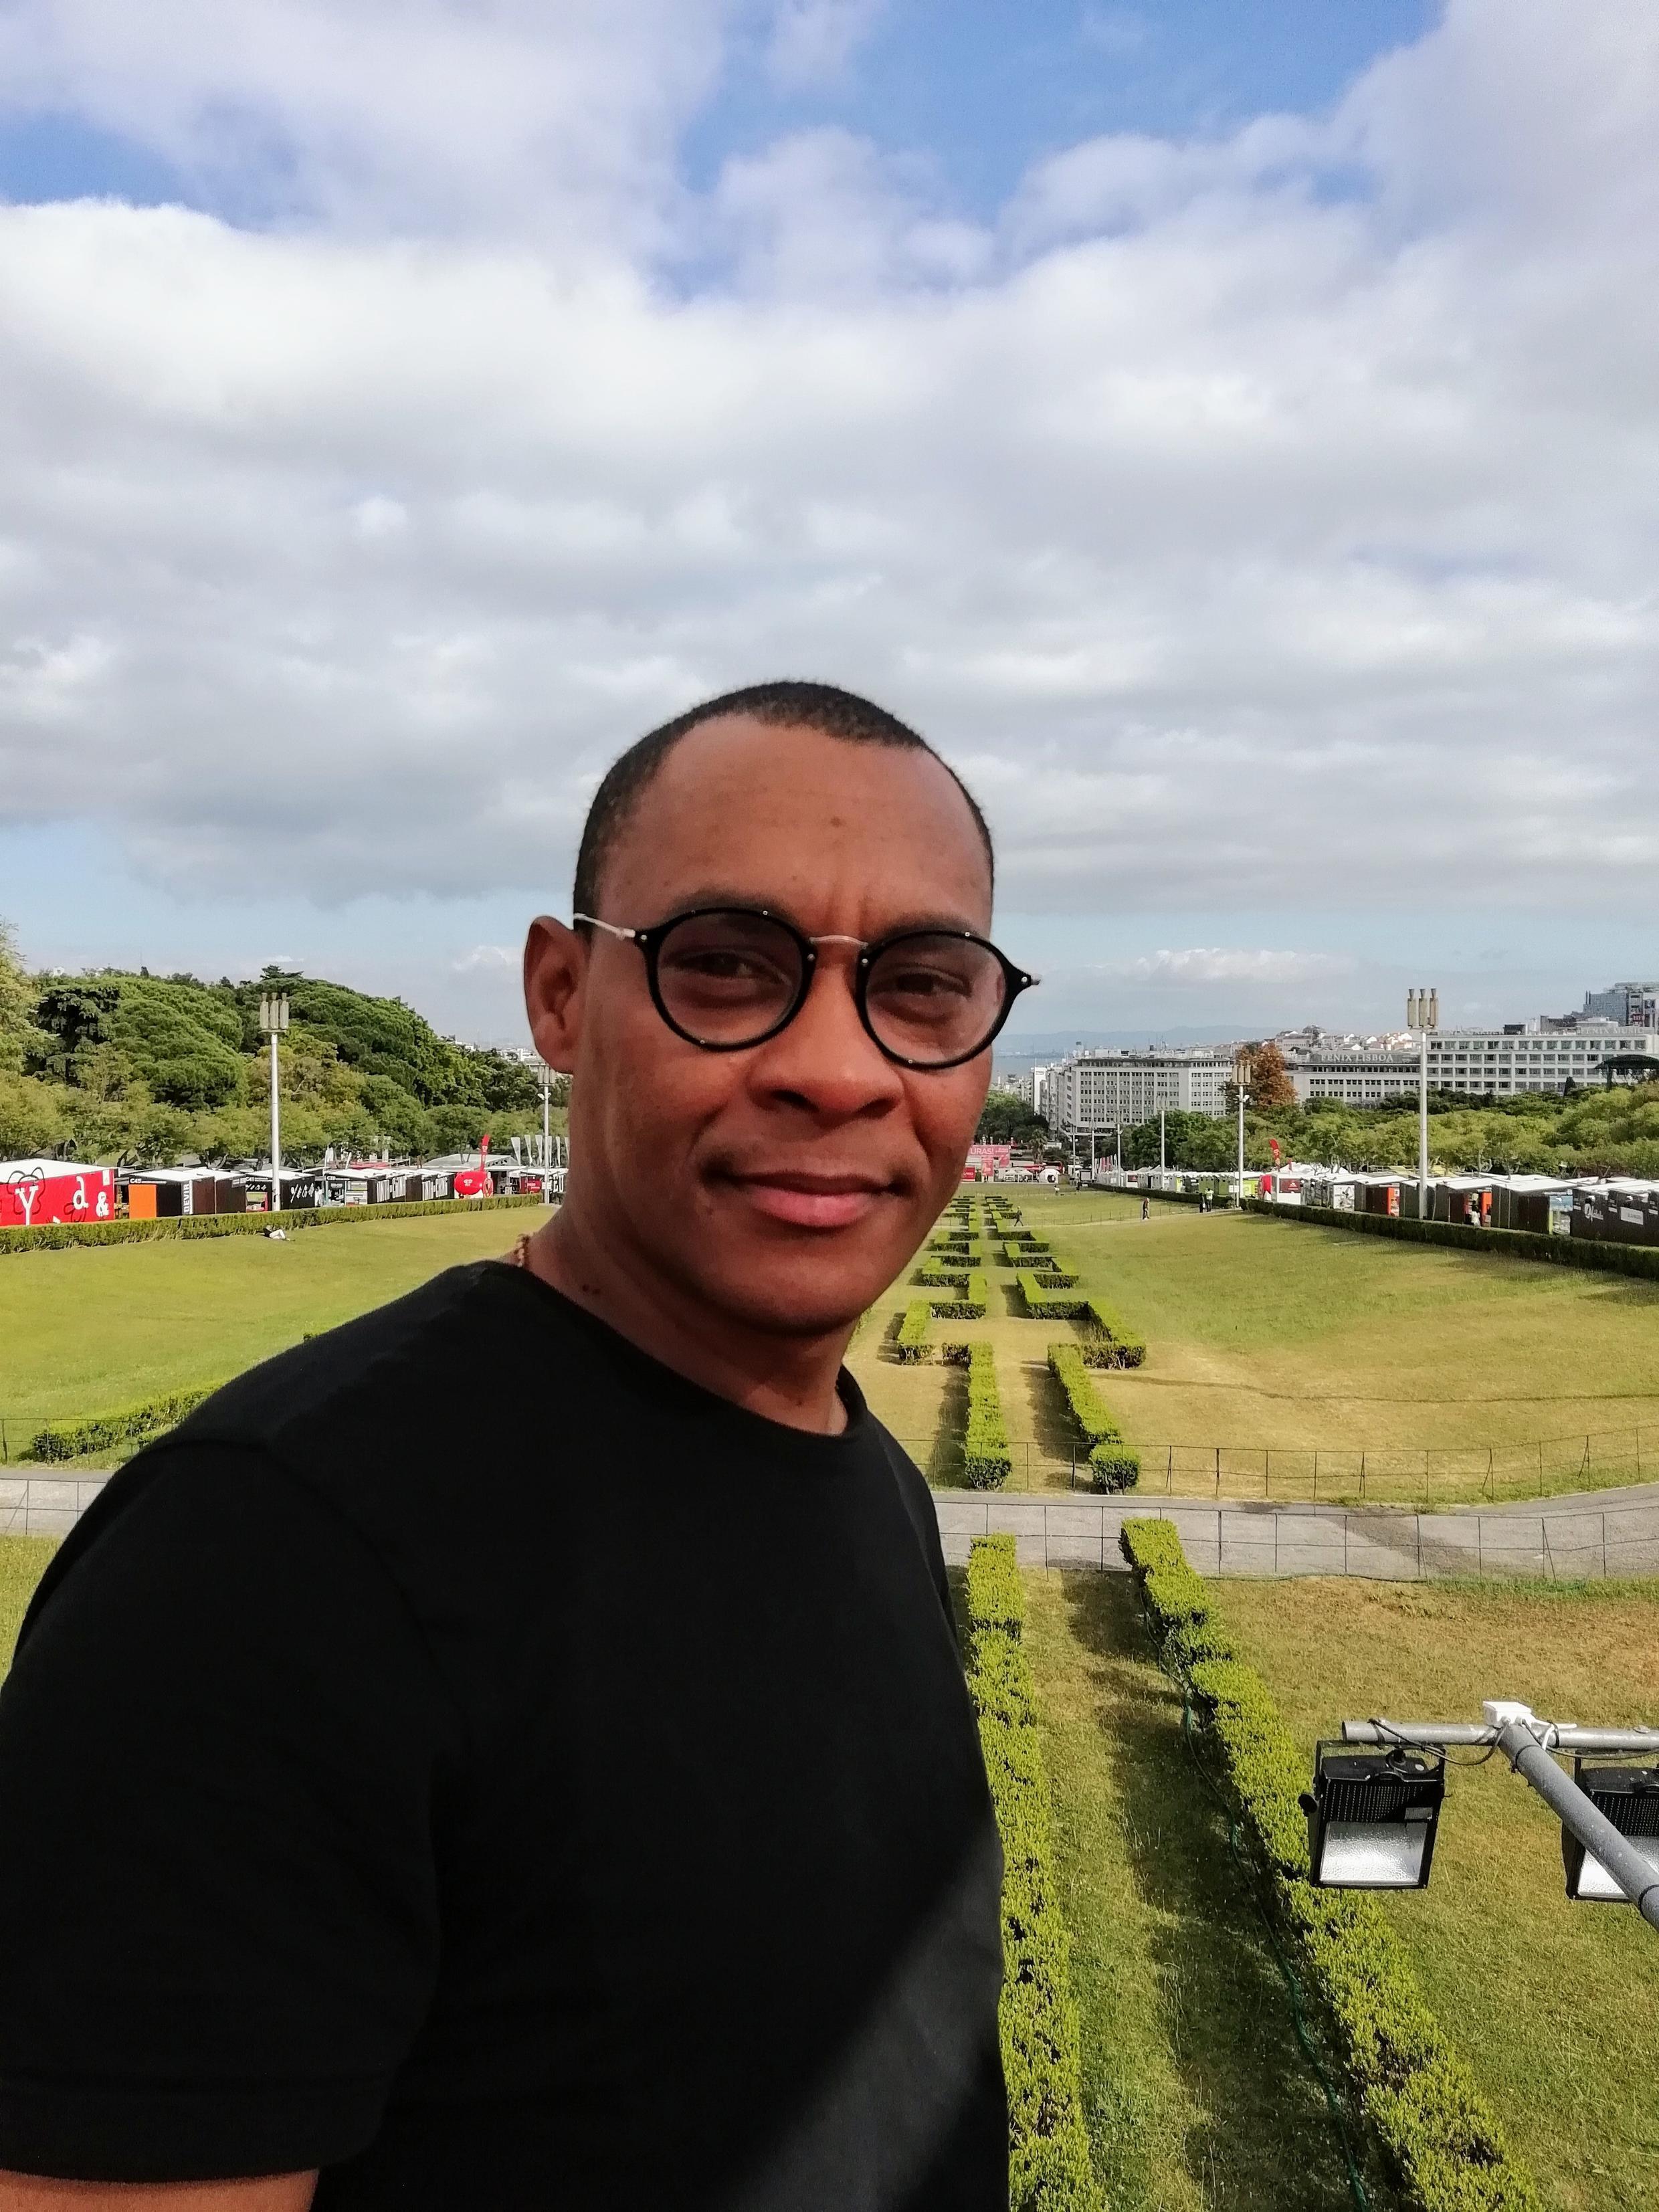 Para o brasileiro afrodescendente Alex de Lima, que mora em Lisboa à mais de dez anos, este memorial era o que faltava na cidade.